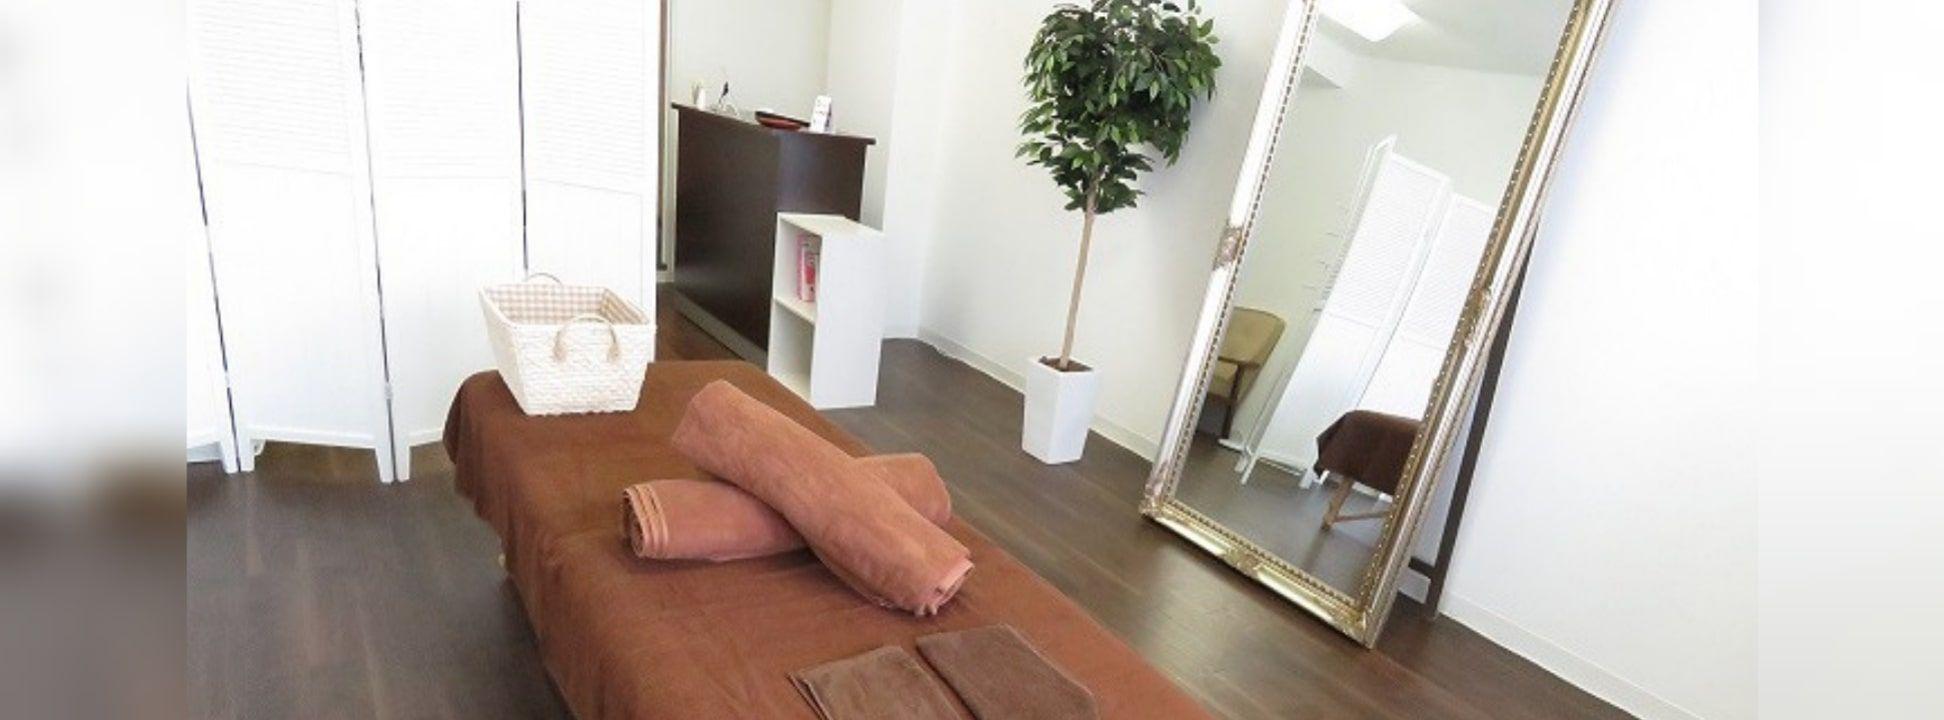 札幌で不妊専門の整体とダイエットならサロンアトレ